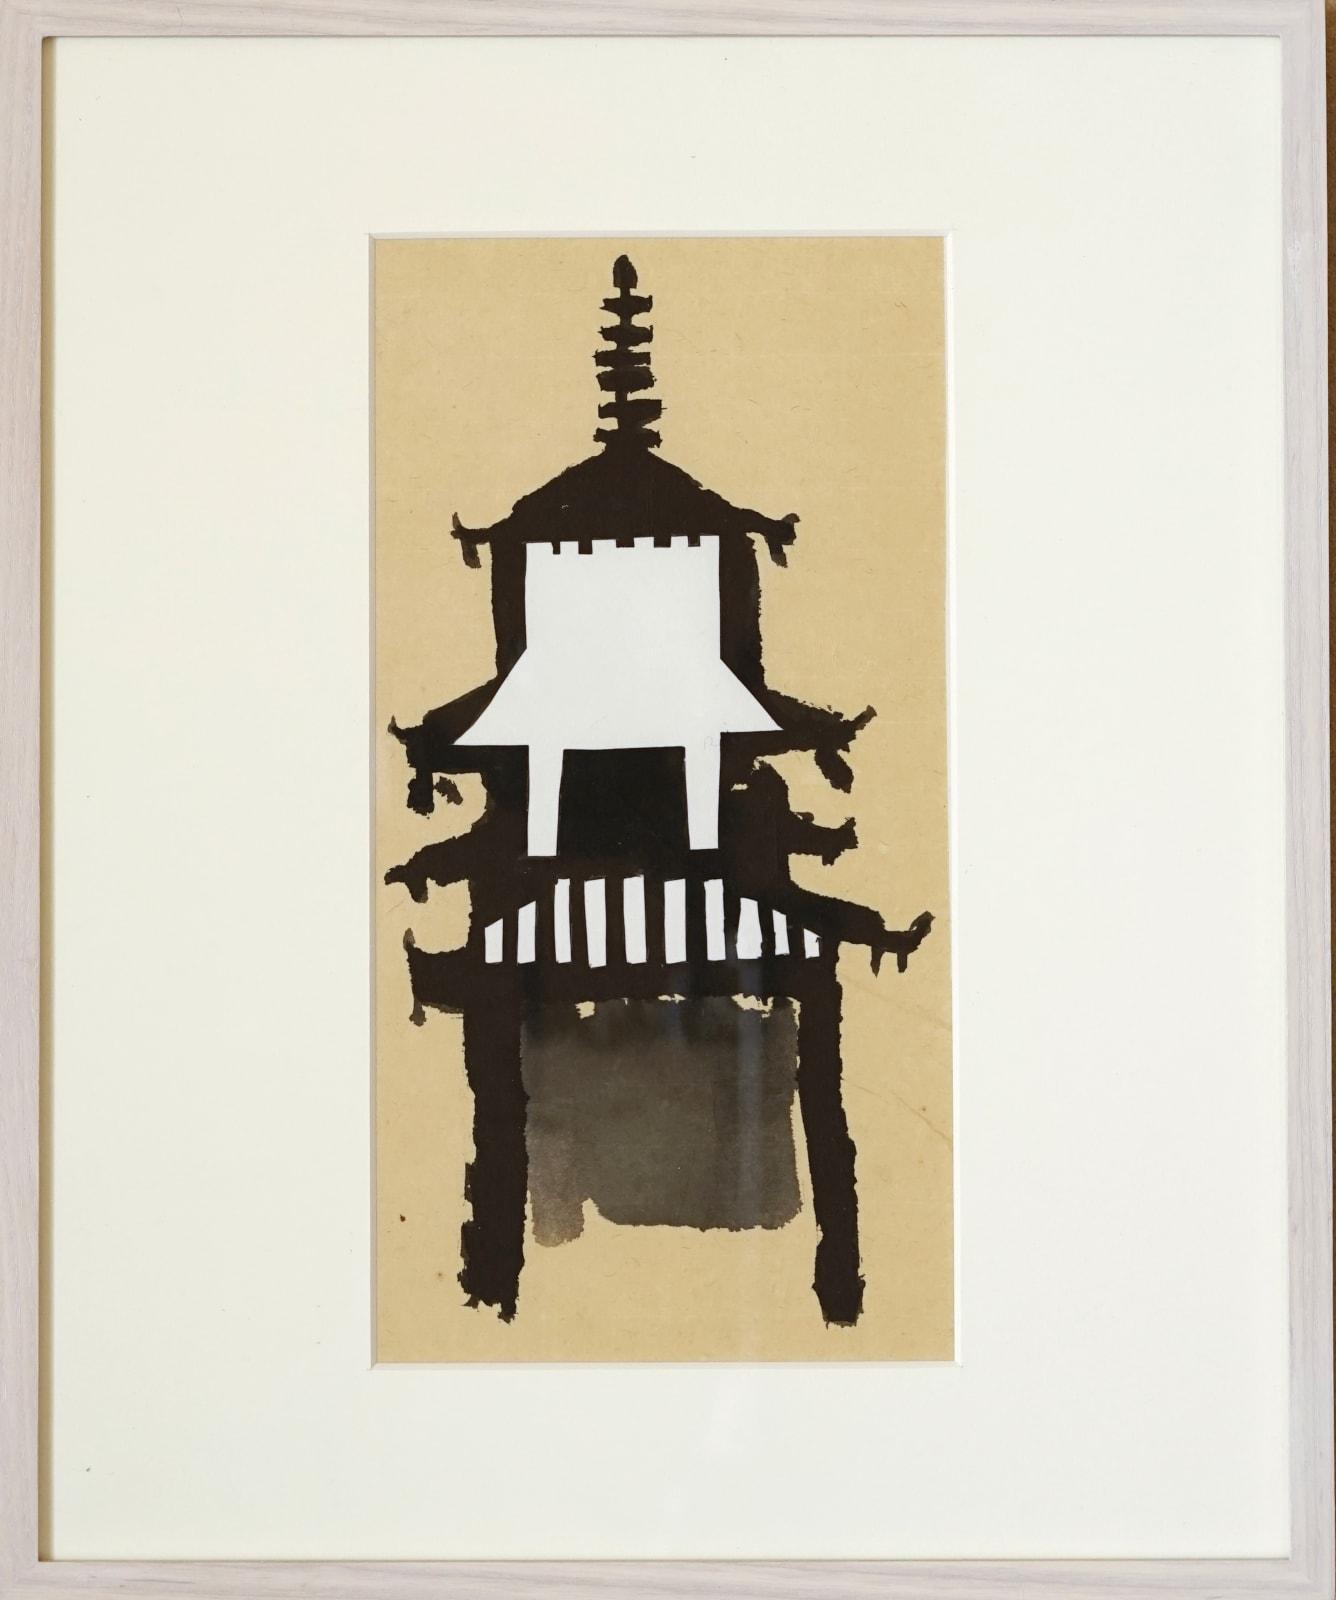 Keiji Ito, ドローイング 塔